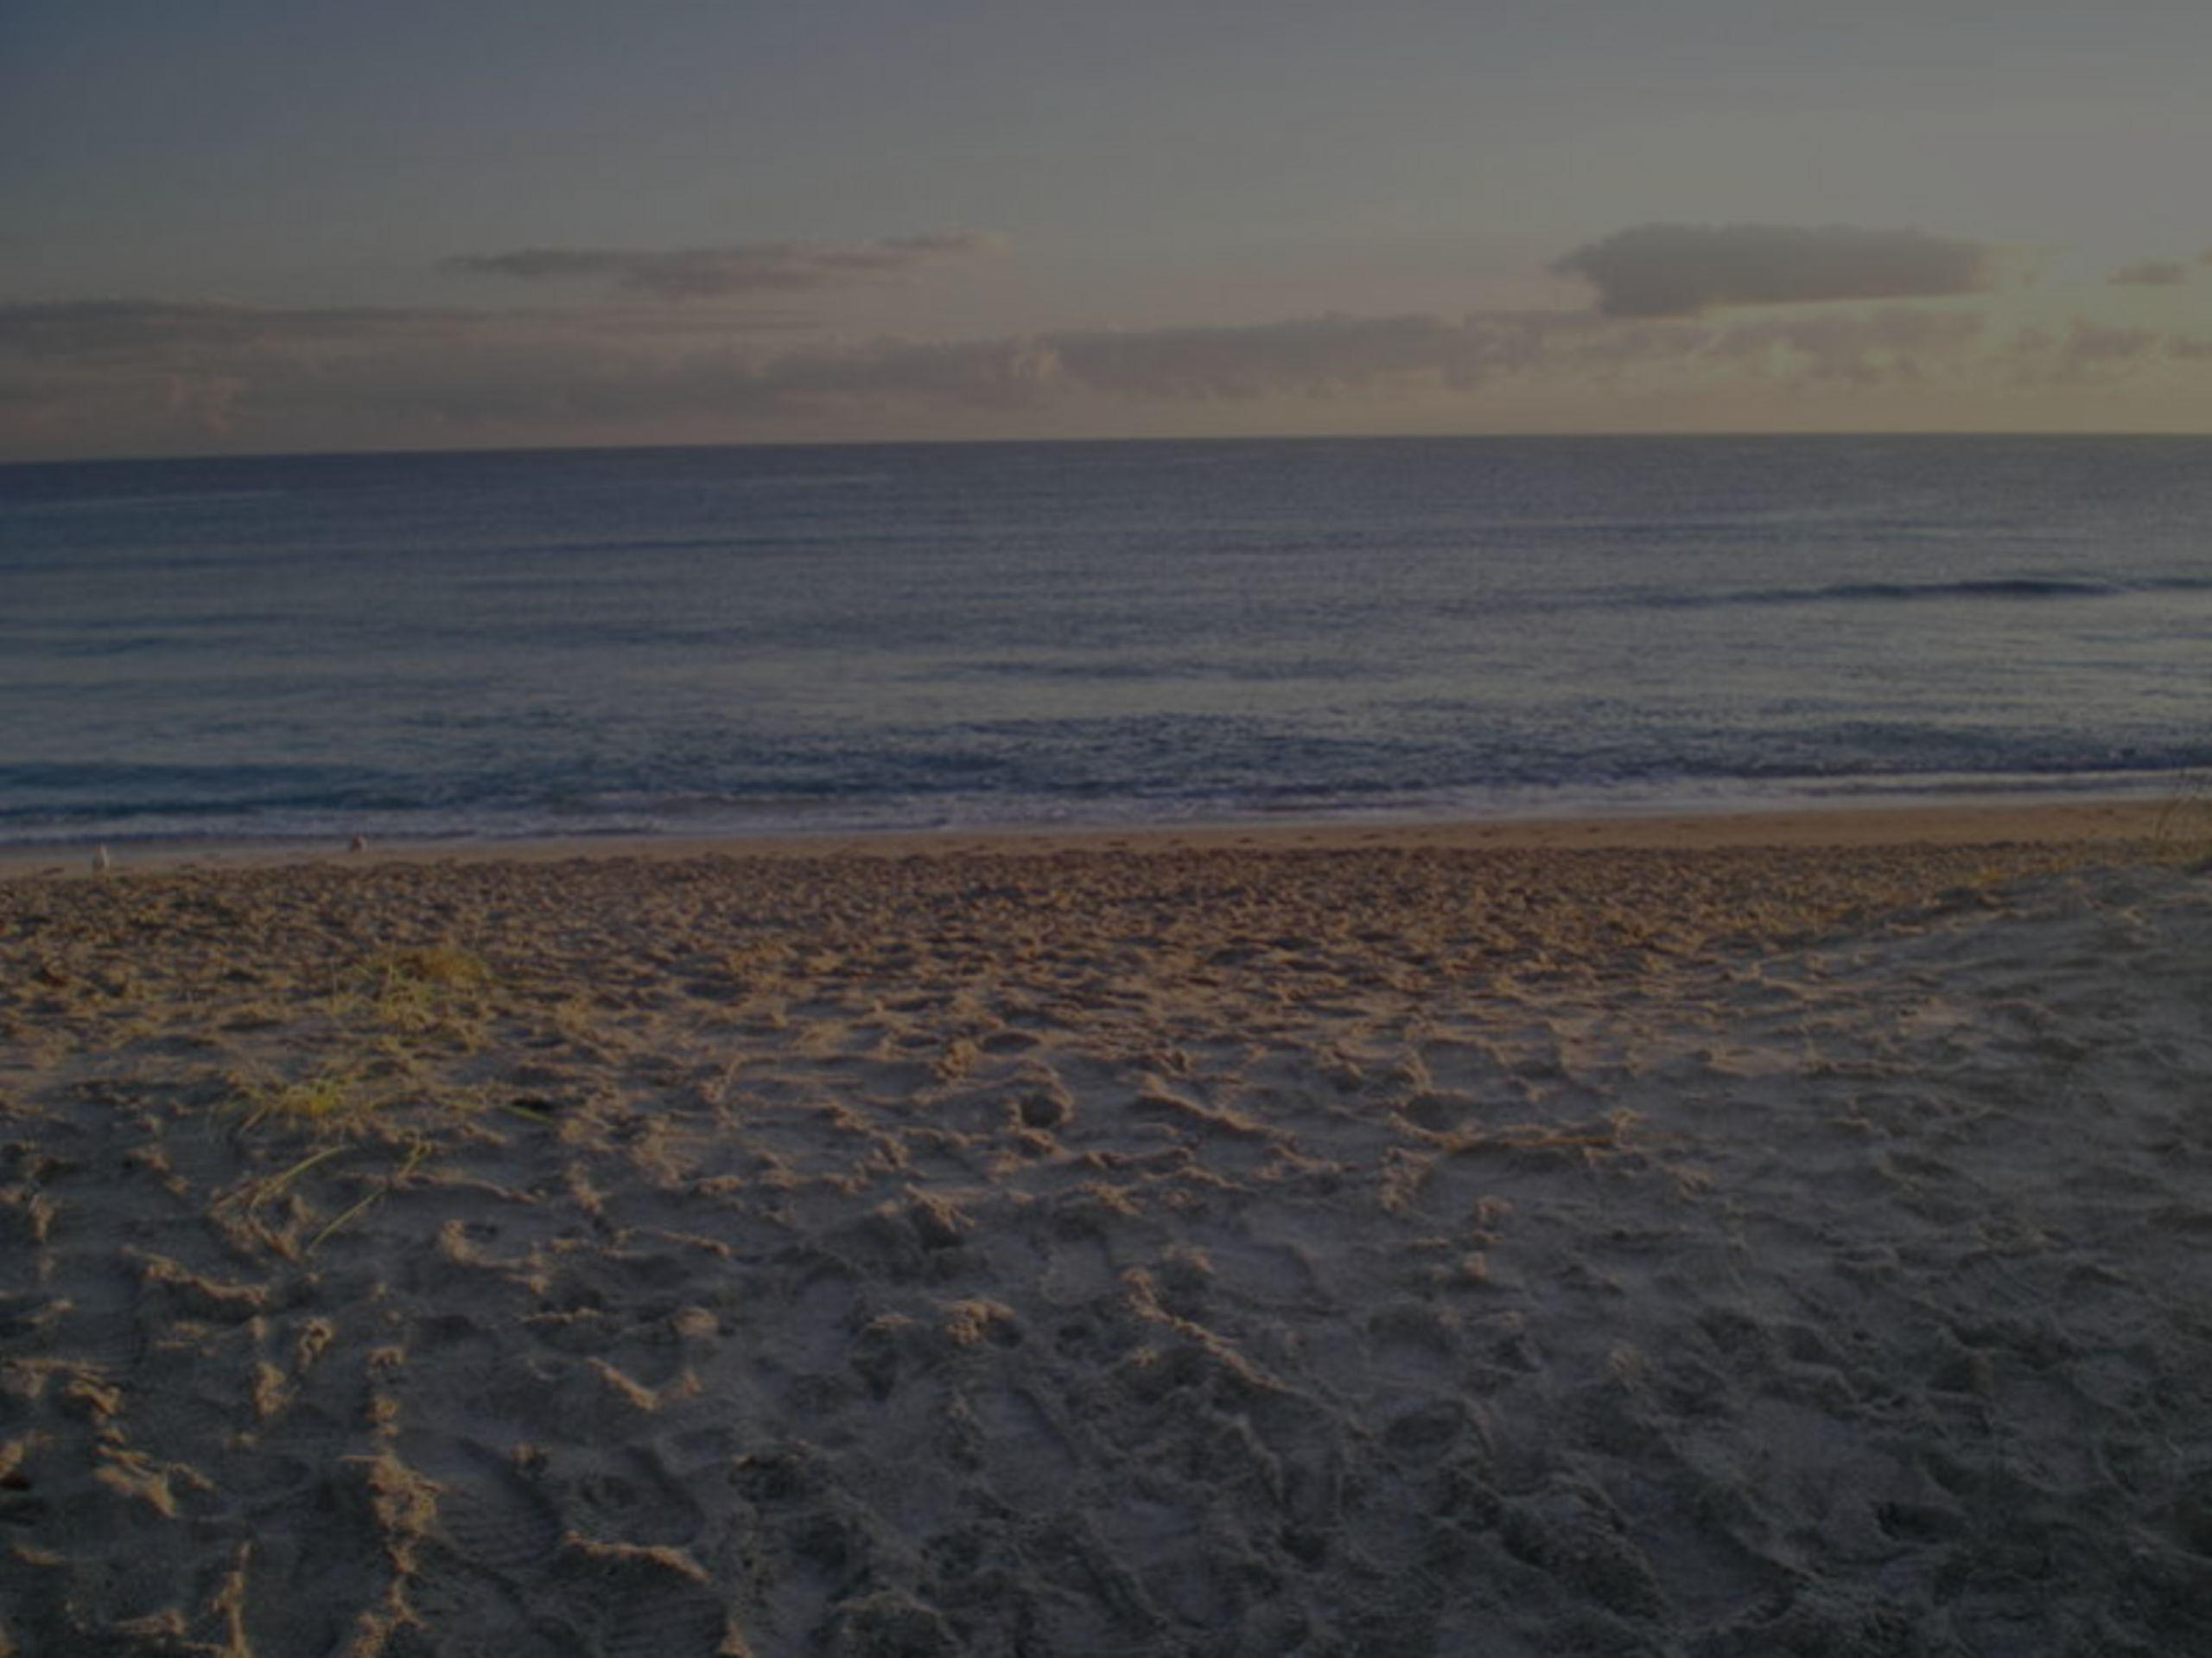 Pristine Beachs Exquisite scenes of nature